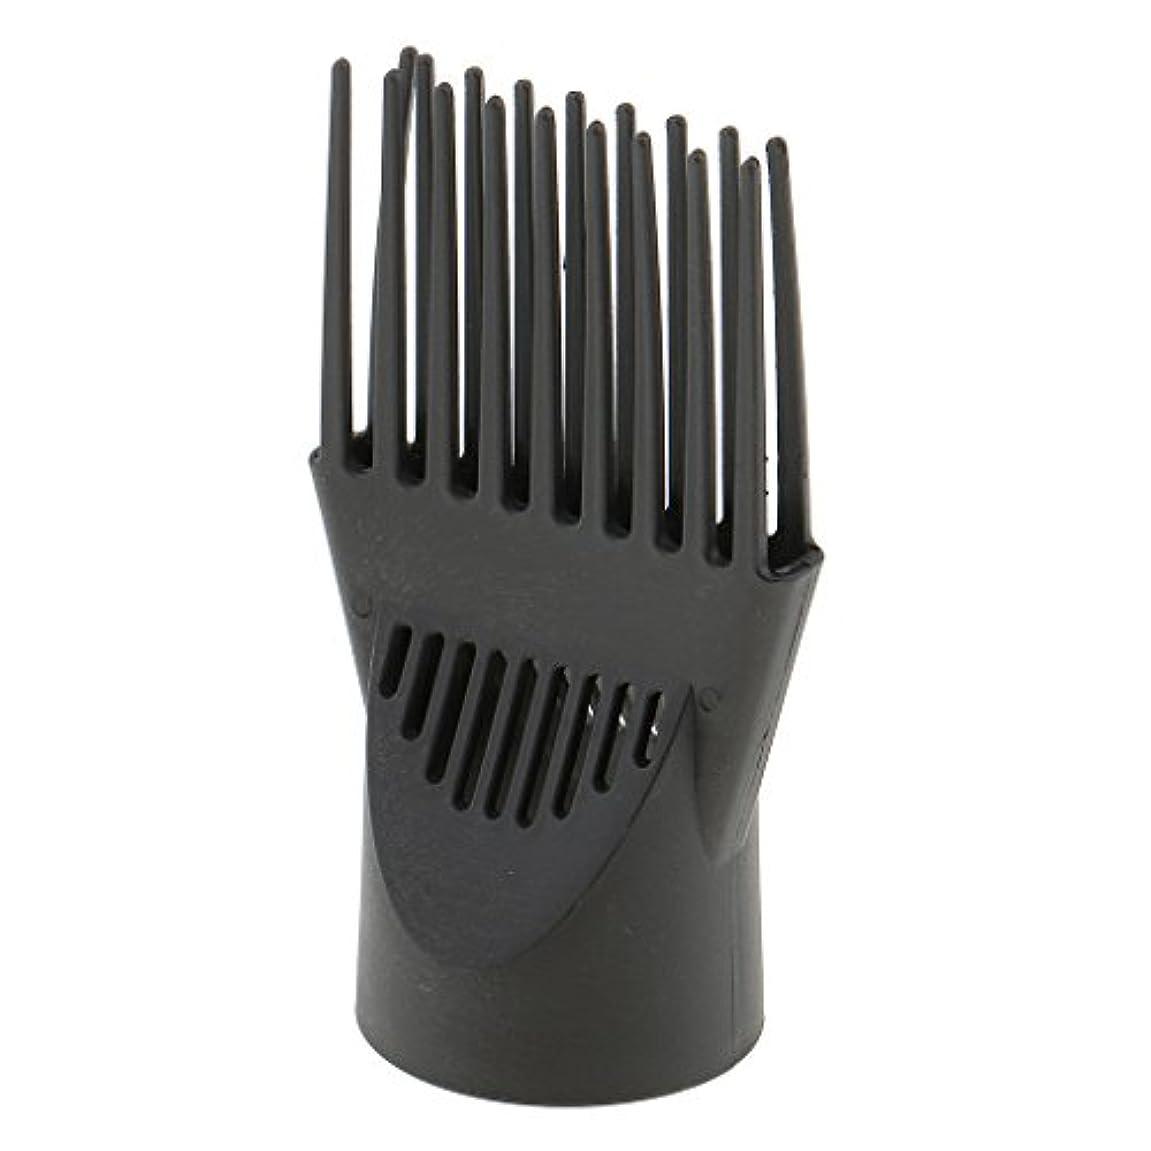 液化するやむを得ないマイルドToygogo プロフェッショナルユニバーサル理髪サロンヘアドライヤーディフューザー風ブローカバーコームアタッチメントノズルブラックプラスチックデュアルグリップ